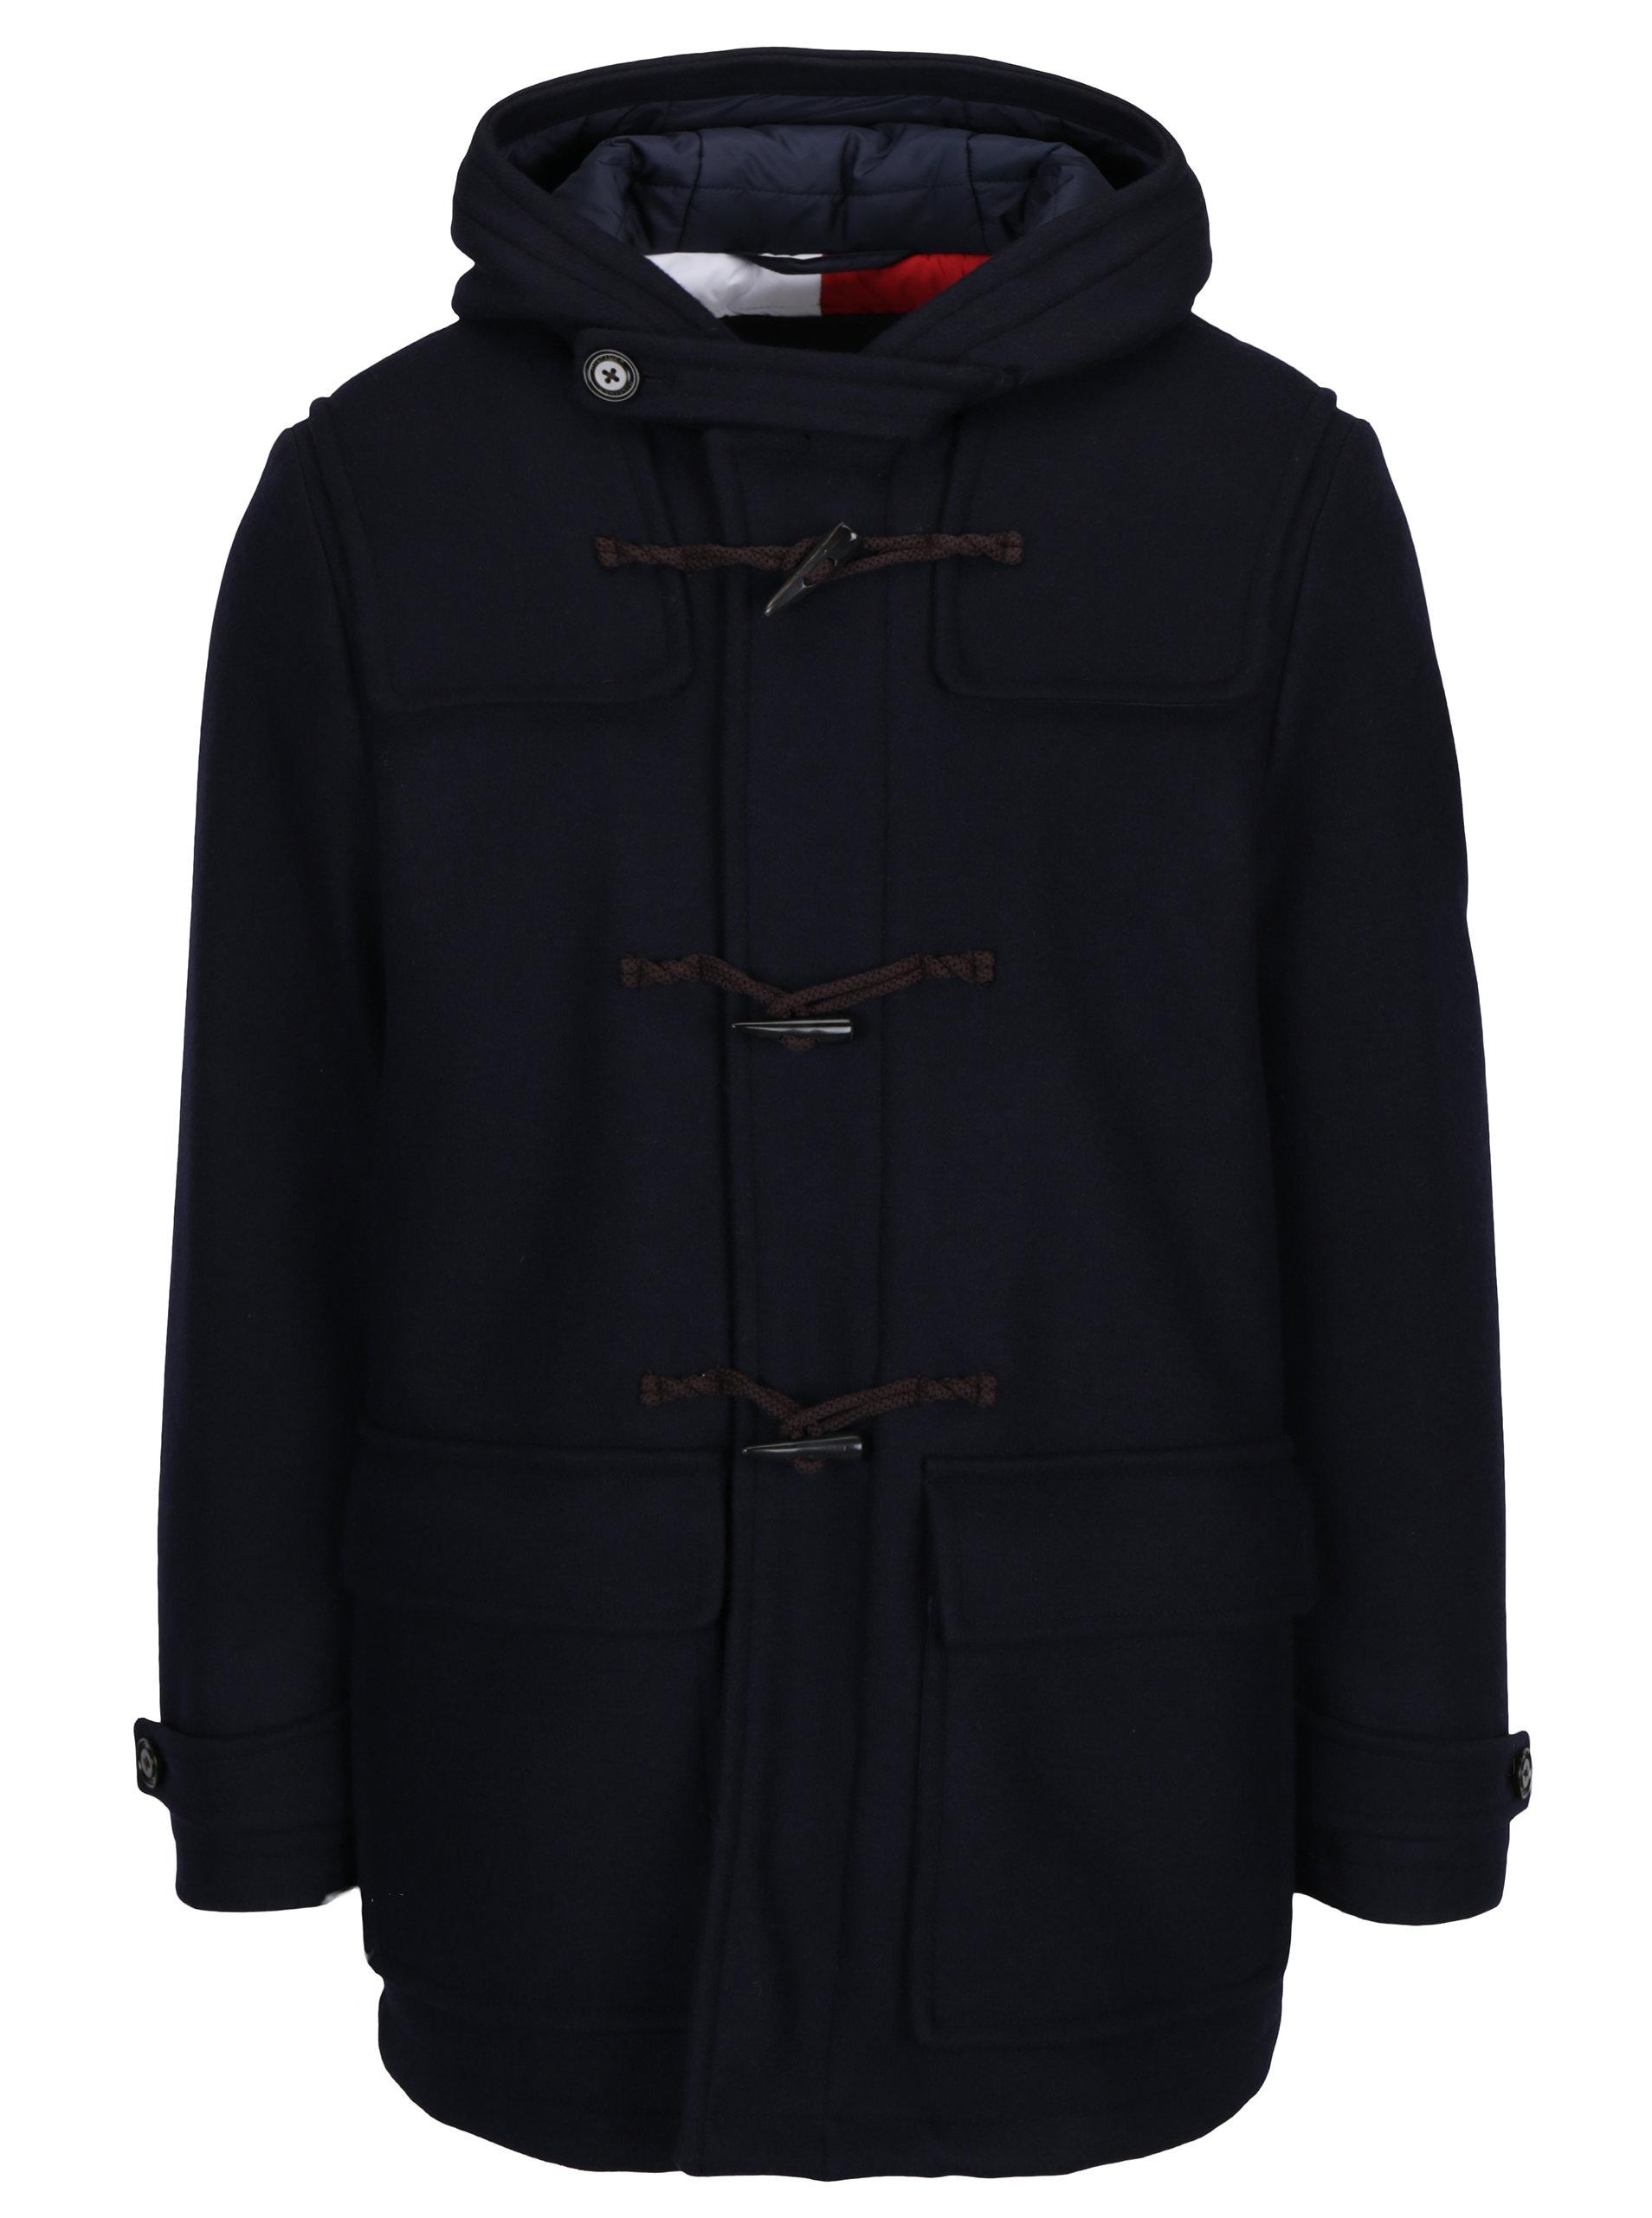 Tmavě modrý pánský zimní vlněný kabát Tommy Hilfiger Jersey ... 5e57b05c22